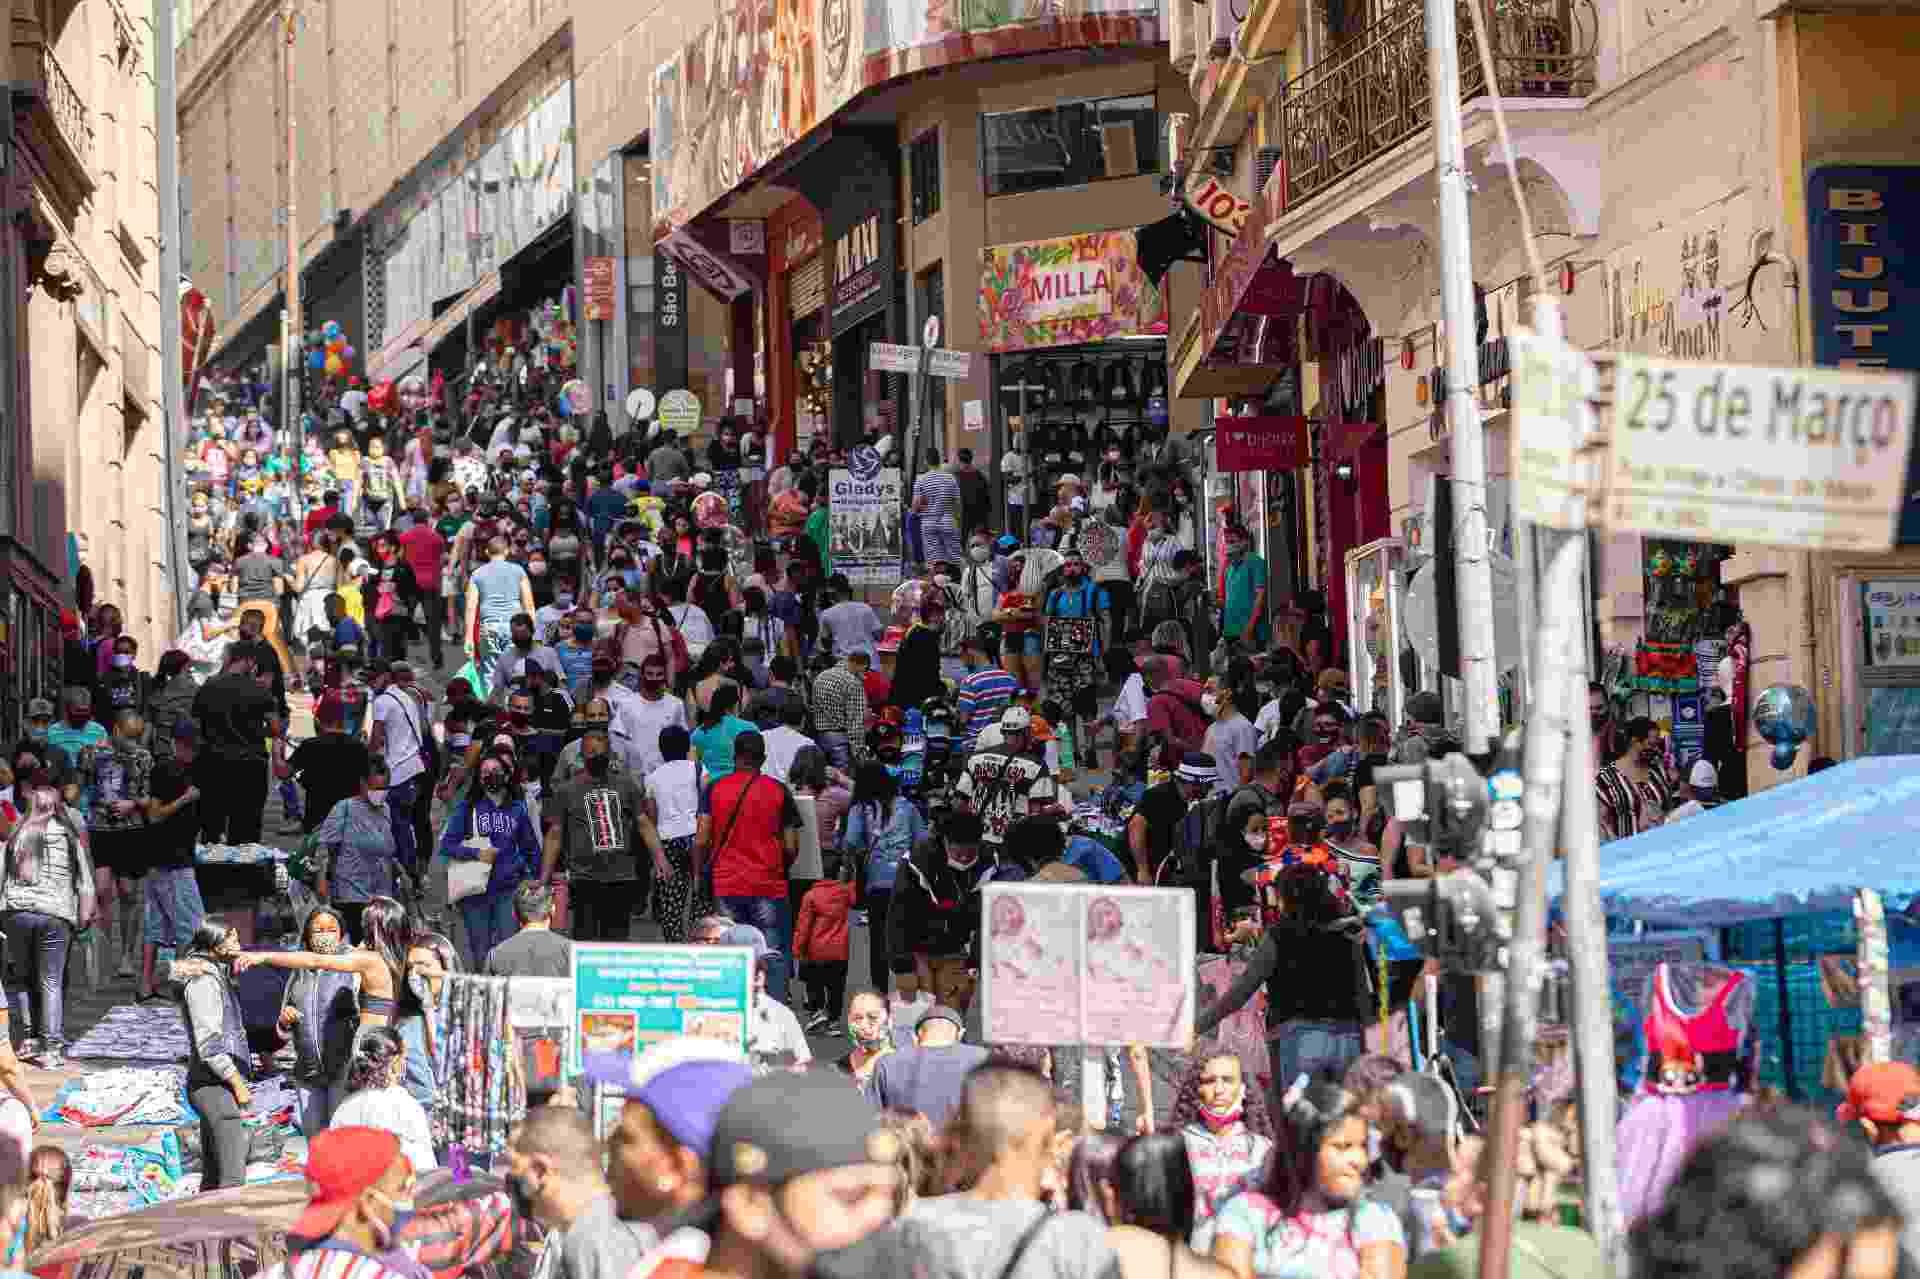 08.ago.2020 - A 25 de Março, uma das principais rua de comércio de São Paulo, ficou cheia neste sábado. Muita gente foi ao local na busca de um presente para o dia dos pais - BRUNO ROCHA/FOTOARENA/FOTOARENA/ESTADÃO CONTEÚDO